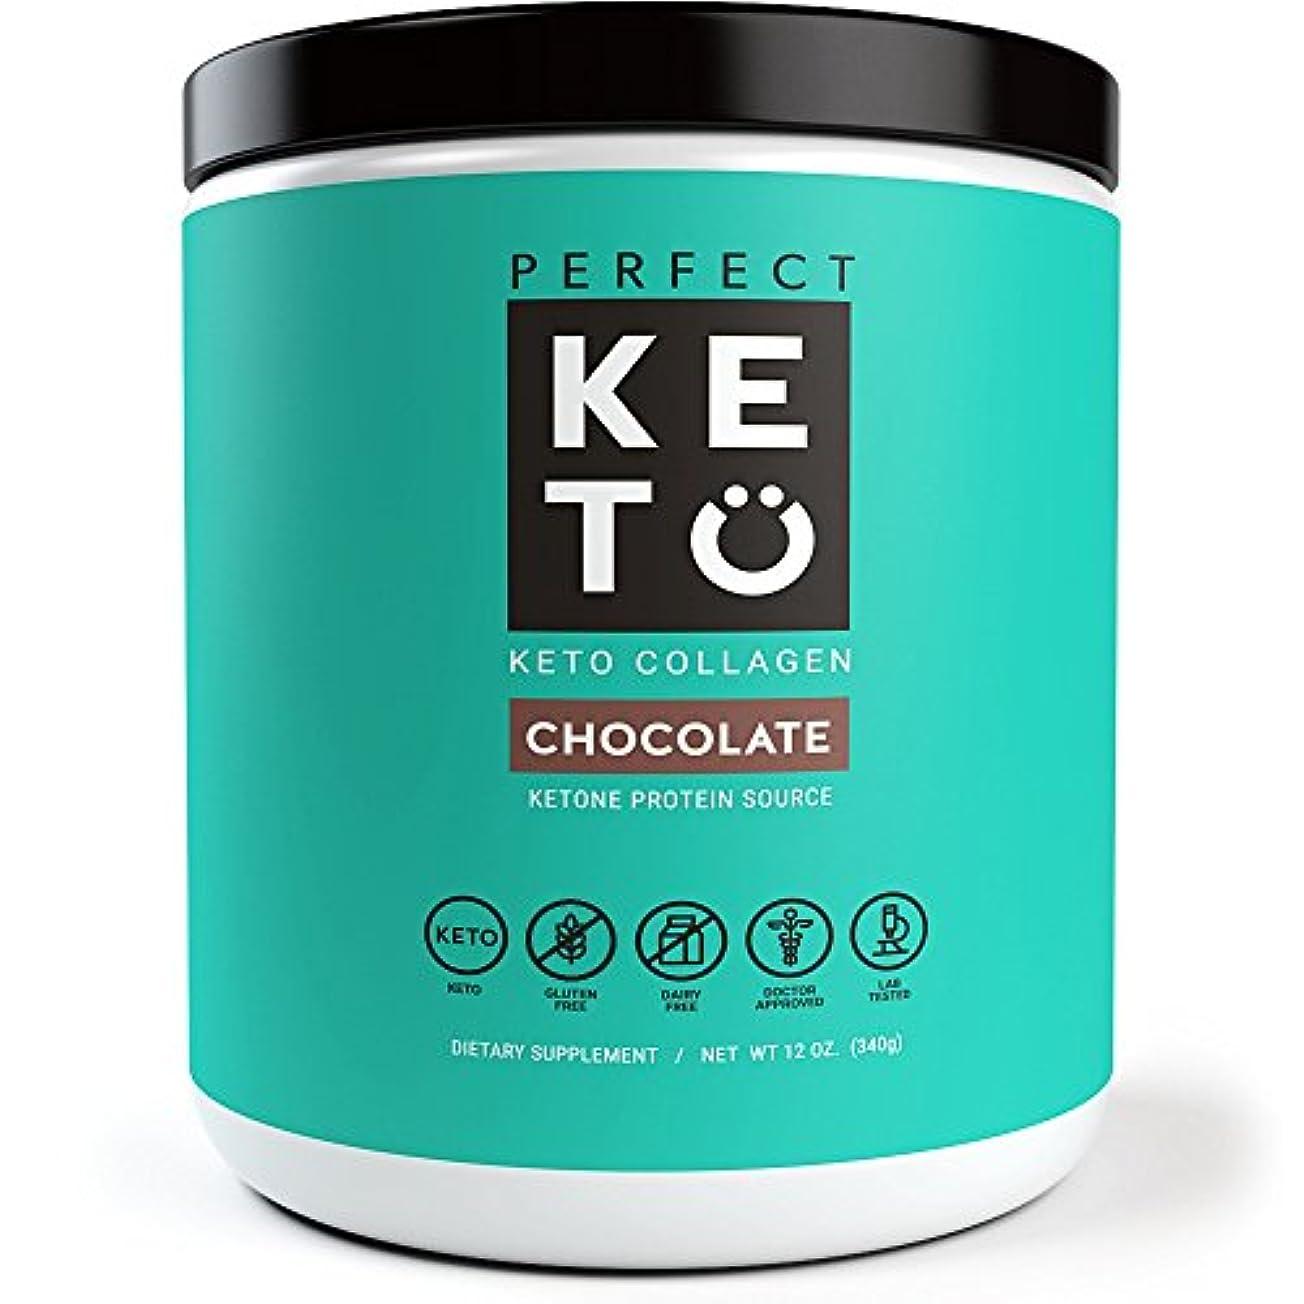 翻訳する国旗おいしいケト低糖質プロテインコラーゲンパウダー チョコレート味 340g by Perfect KETO [海外直送品]